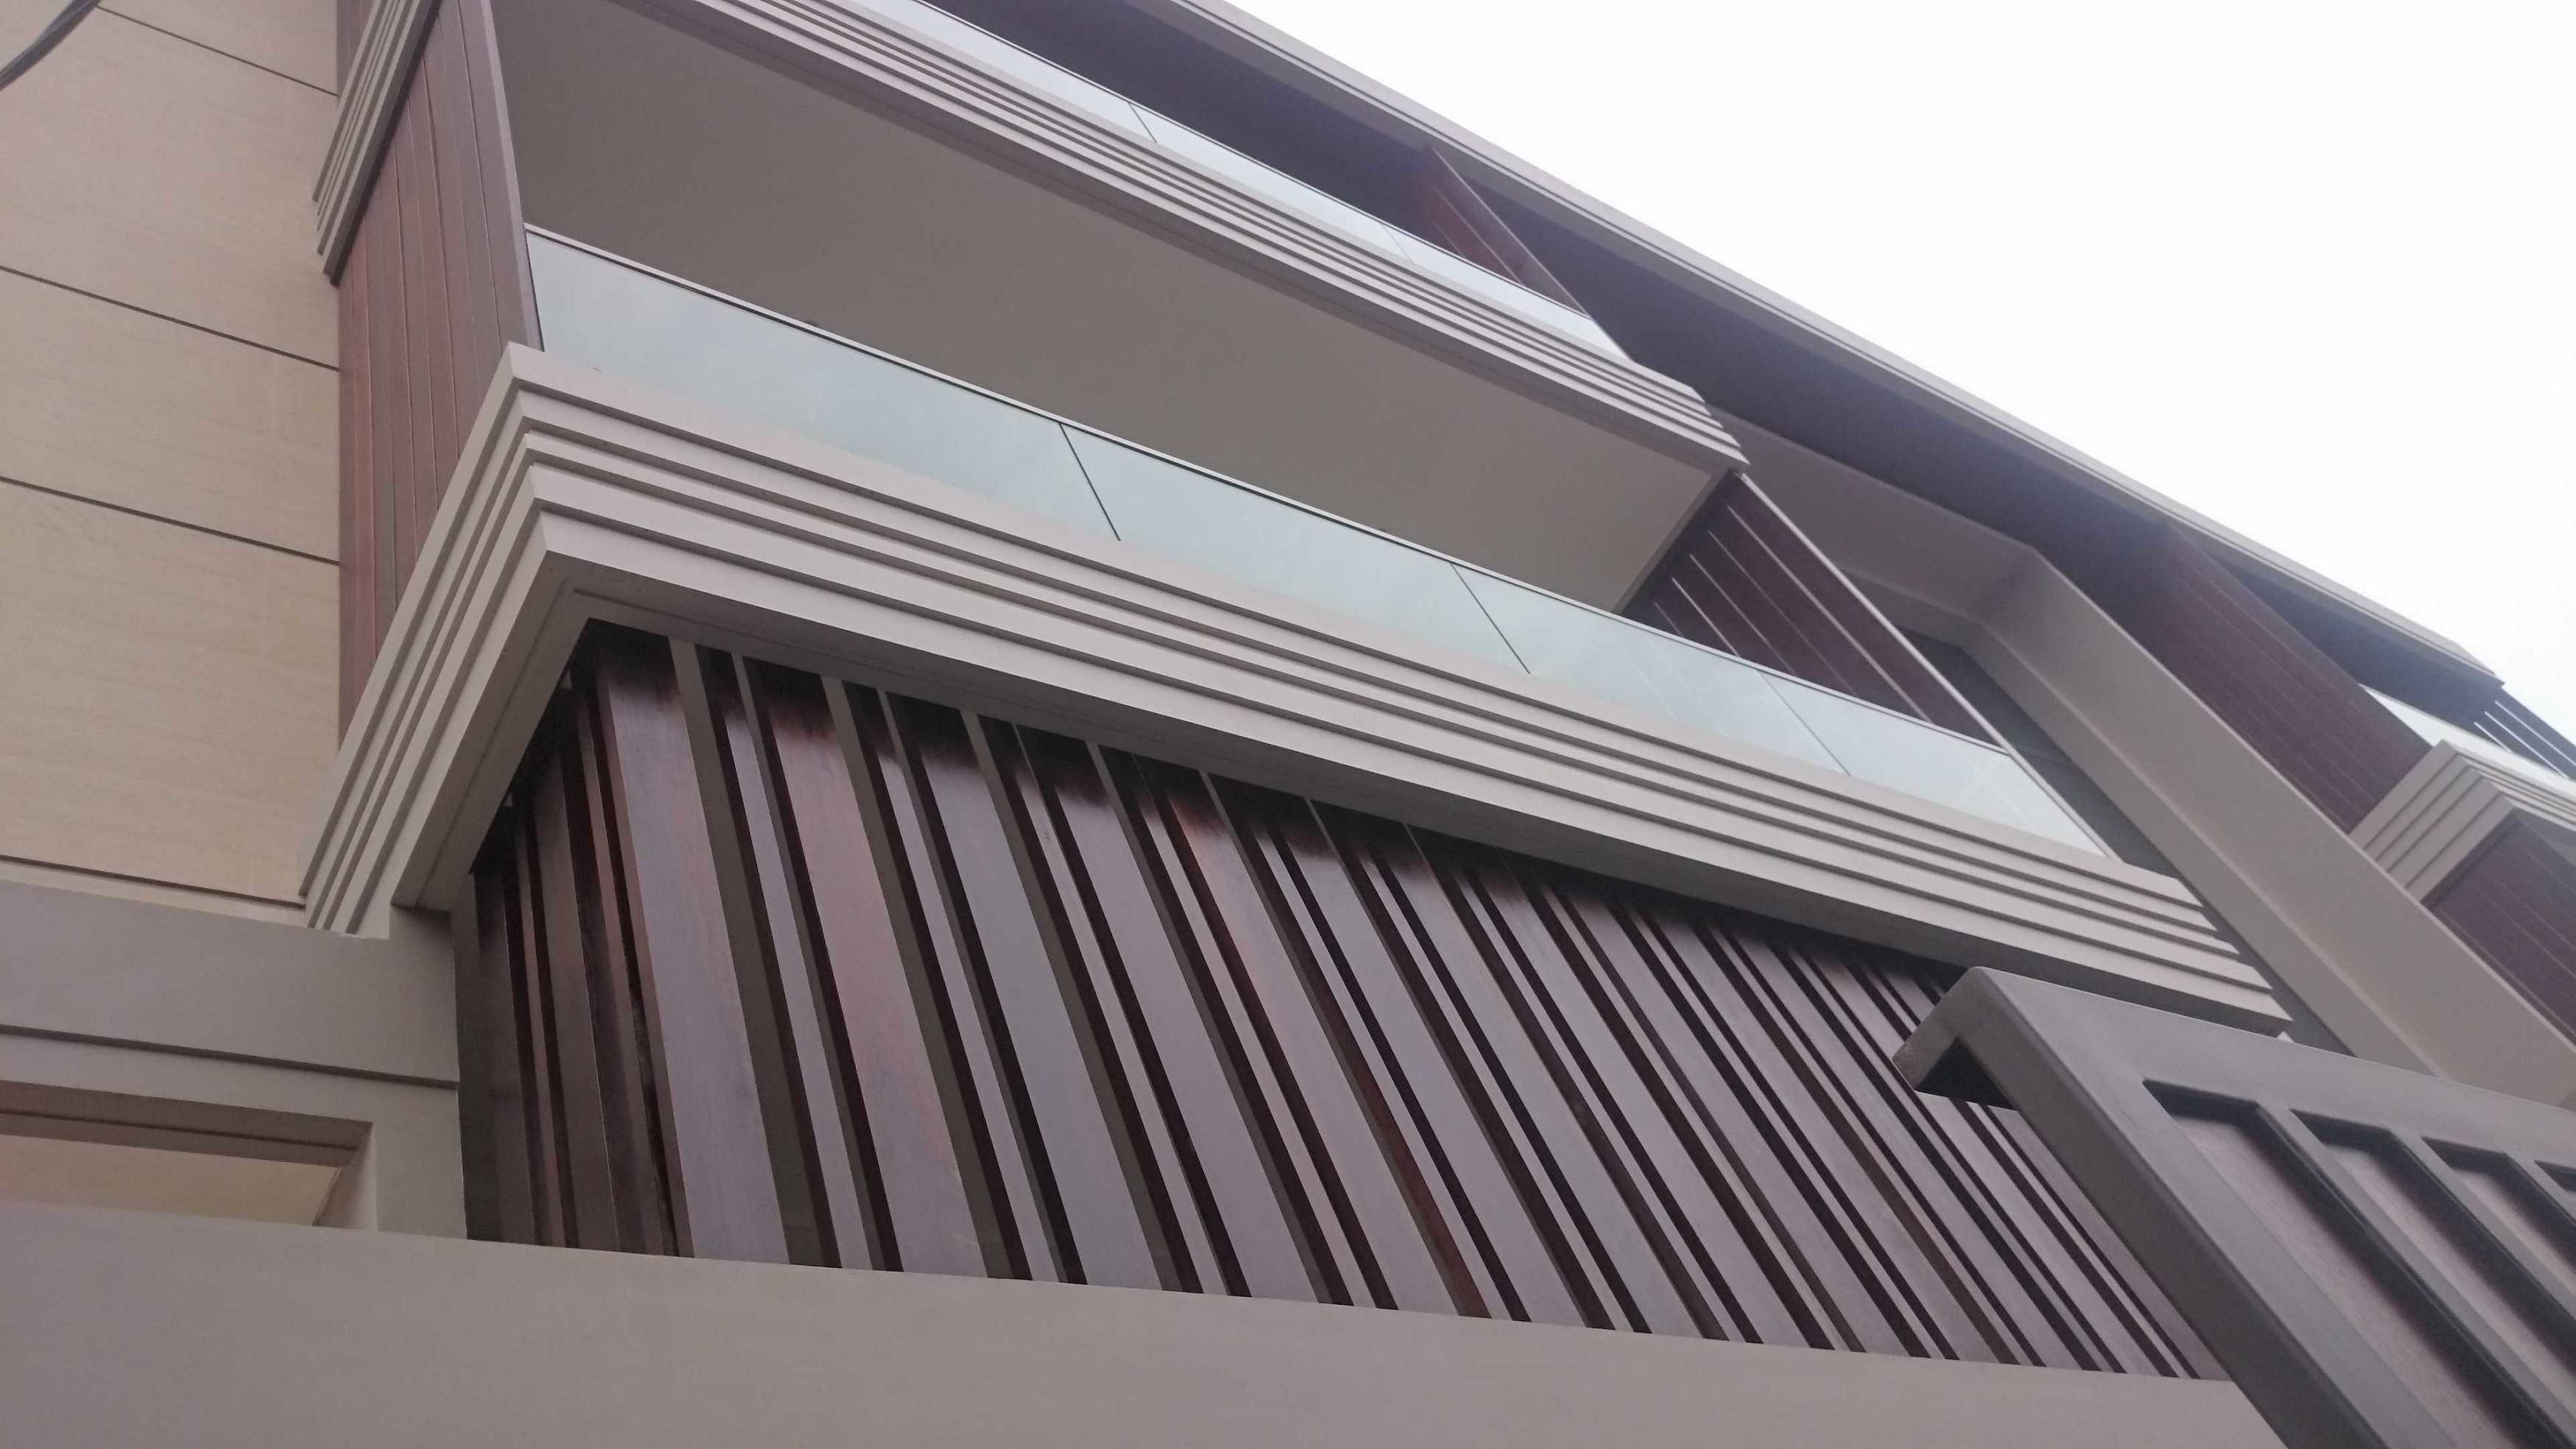 Alradistadesign St House, Sunter Sunter Jakarta Sunter Jakarta Alradistadesign-St-House-Sunter Modern  49104